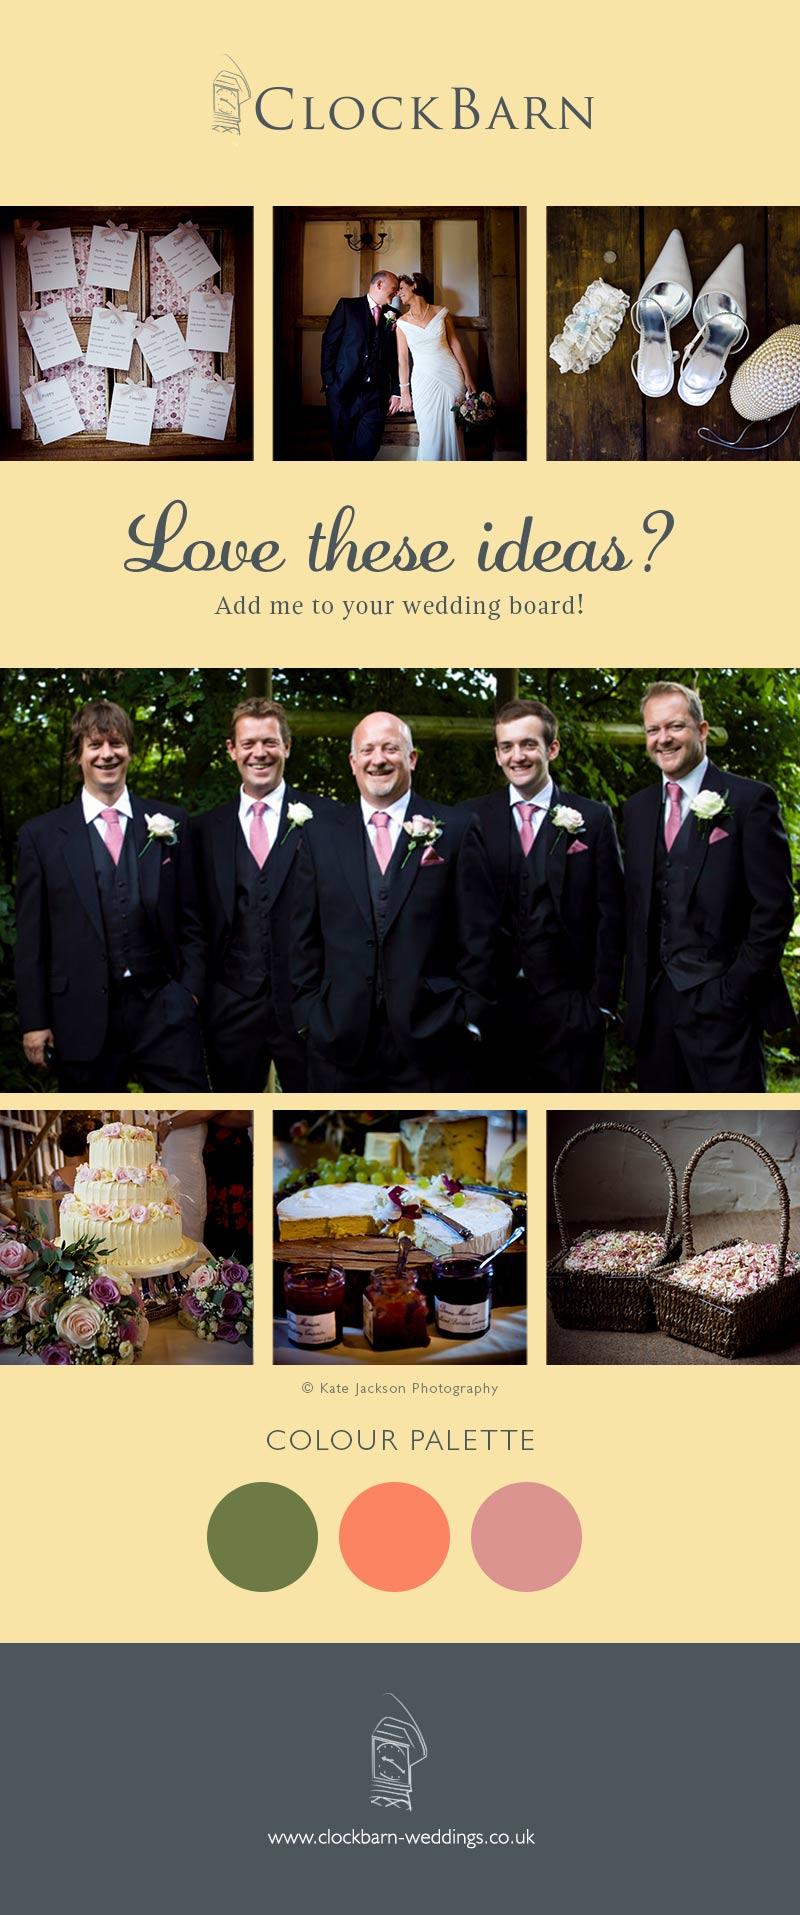 Alex and Dans clock barn wedding